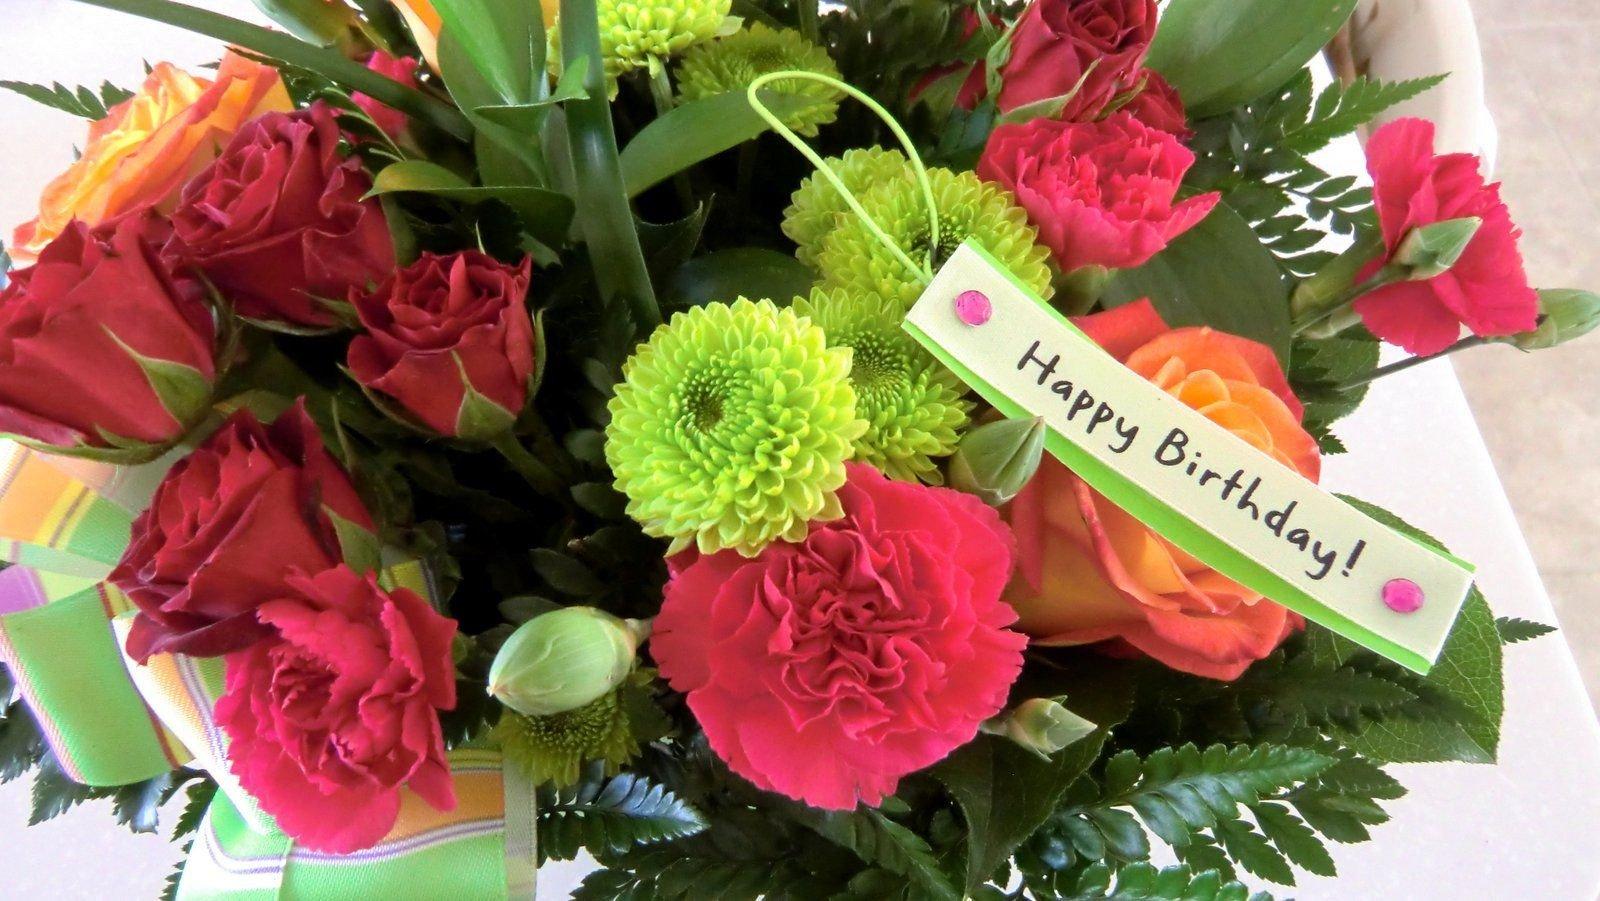 найти фото с днем рождения цветы сути, необходимо равномерно